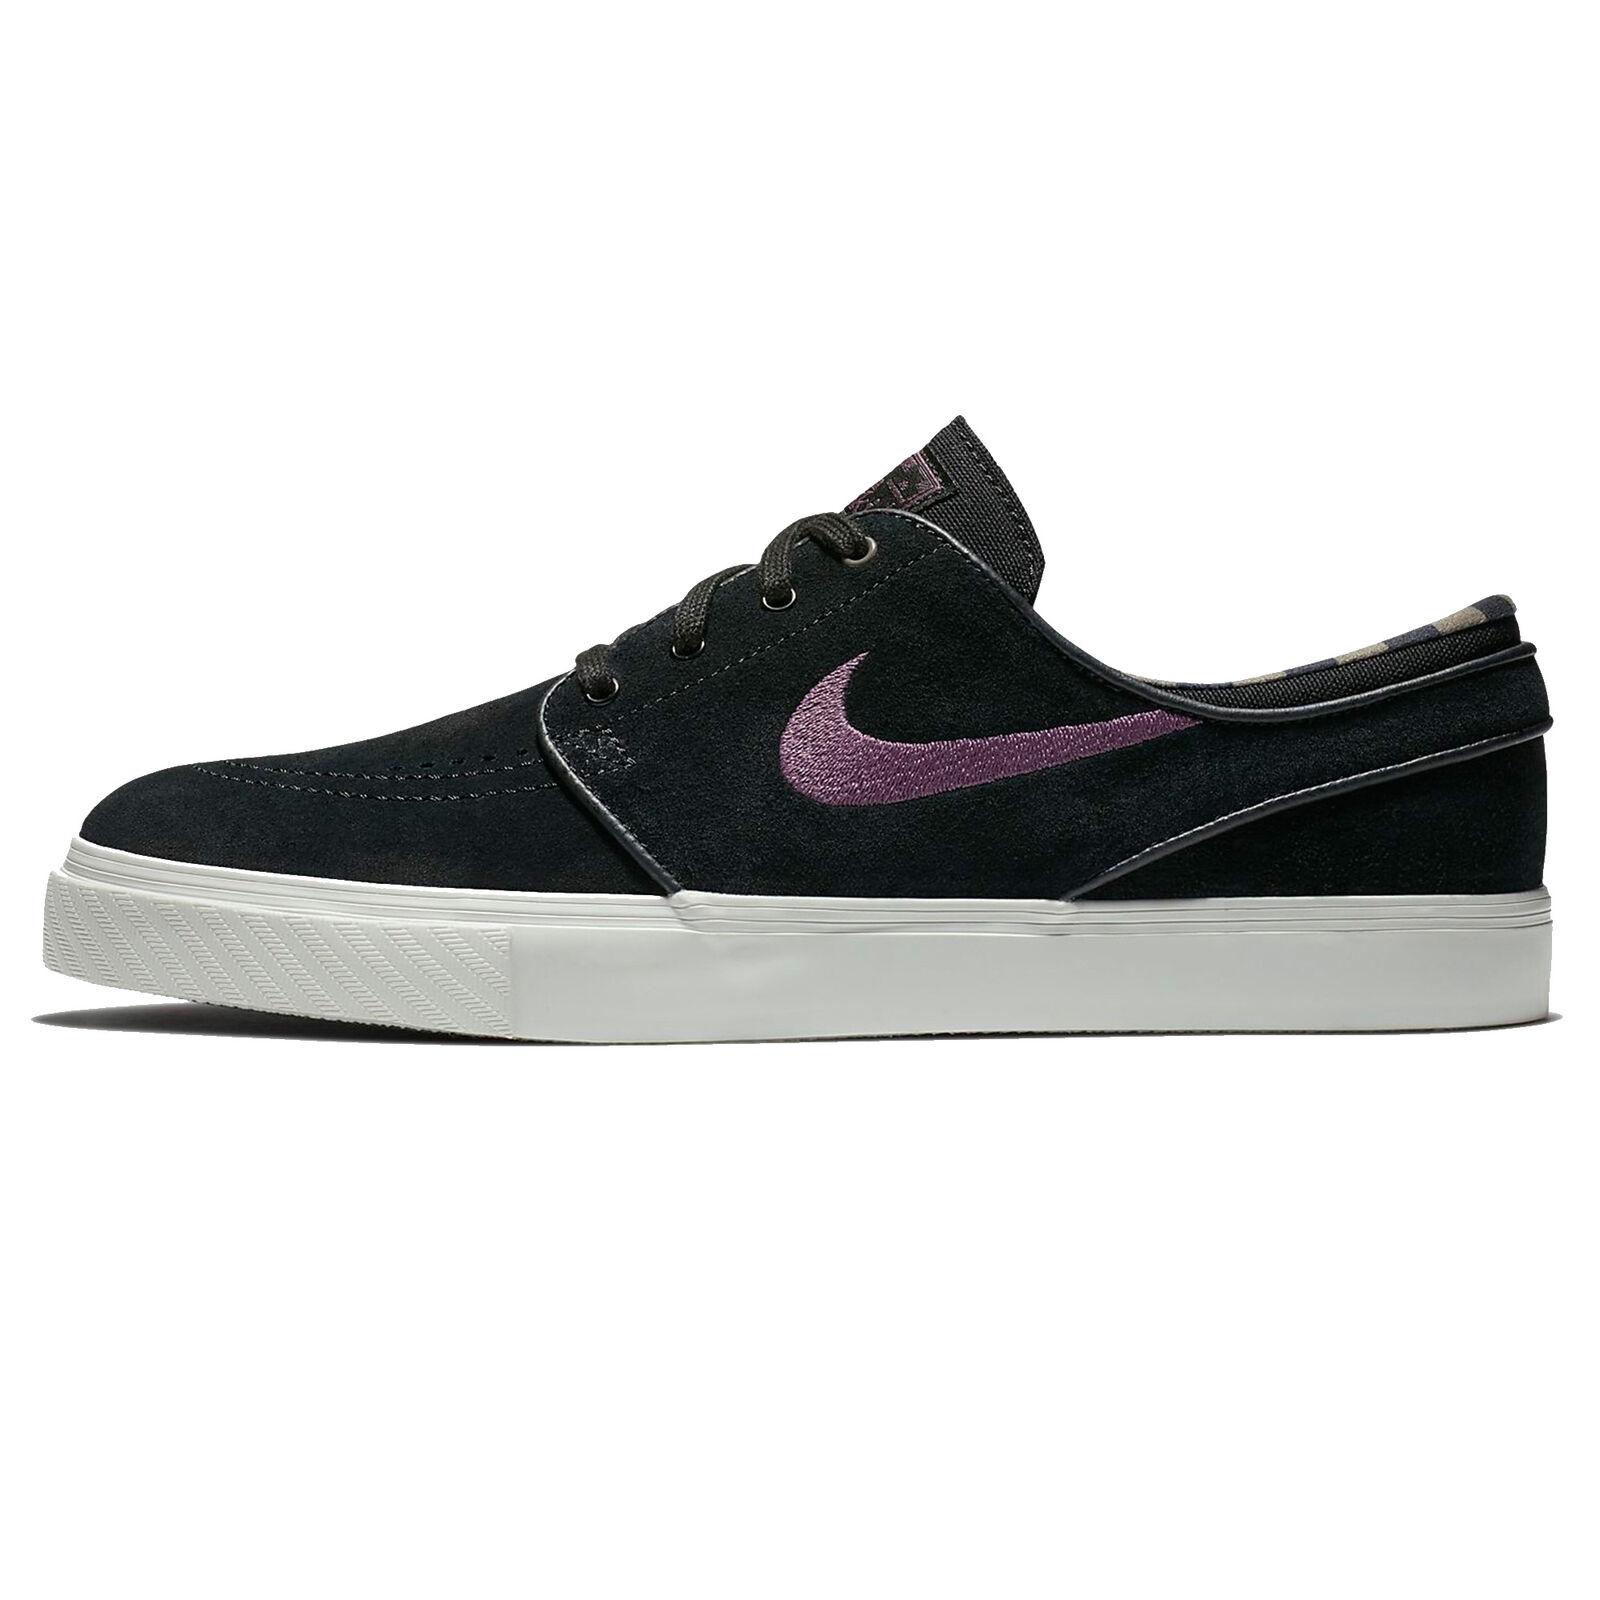 Nike zoom stefan janoski 333824-066 schlittschuhlaufen im im im freizeitsport skate - schuh. a904f9